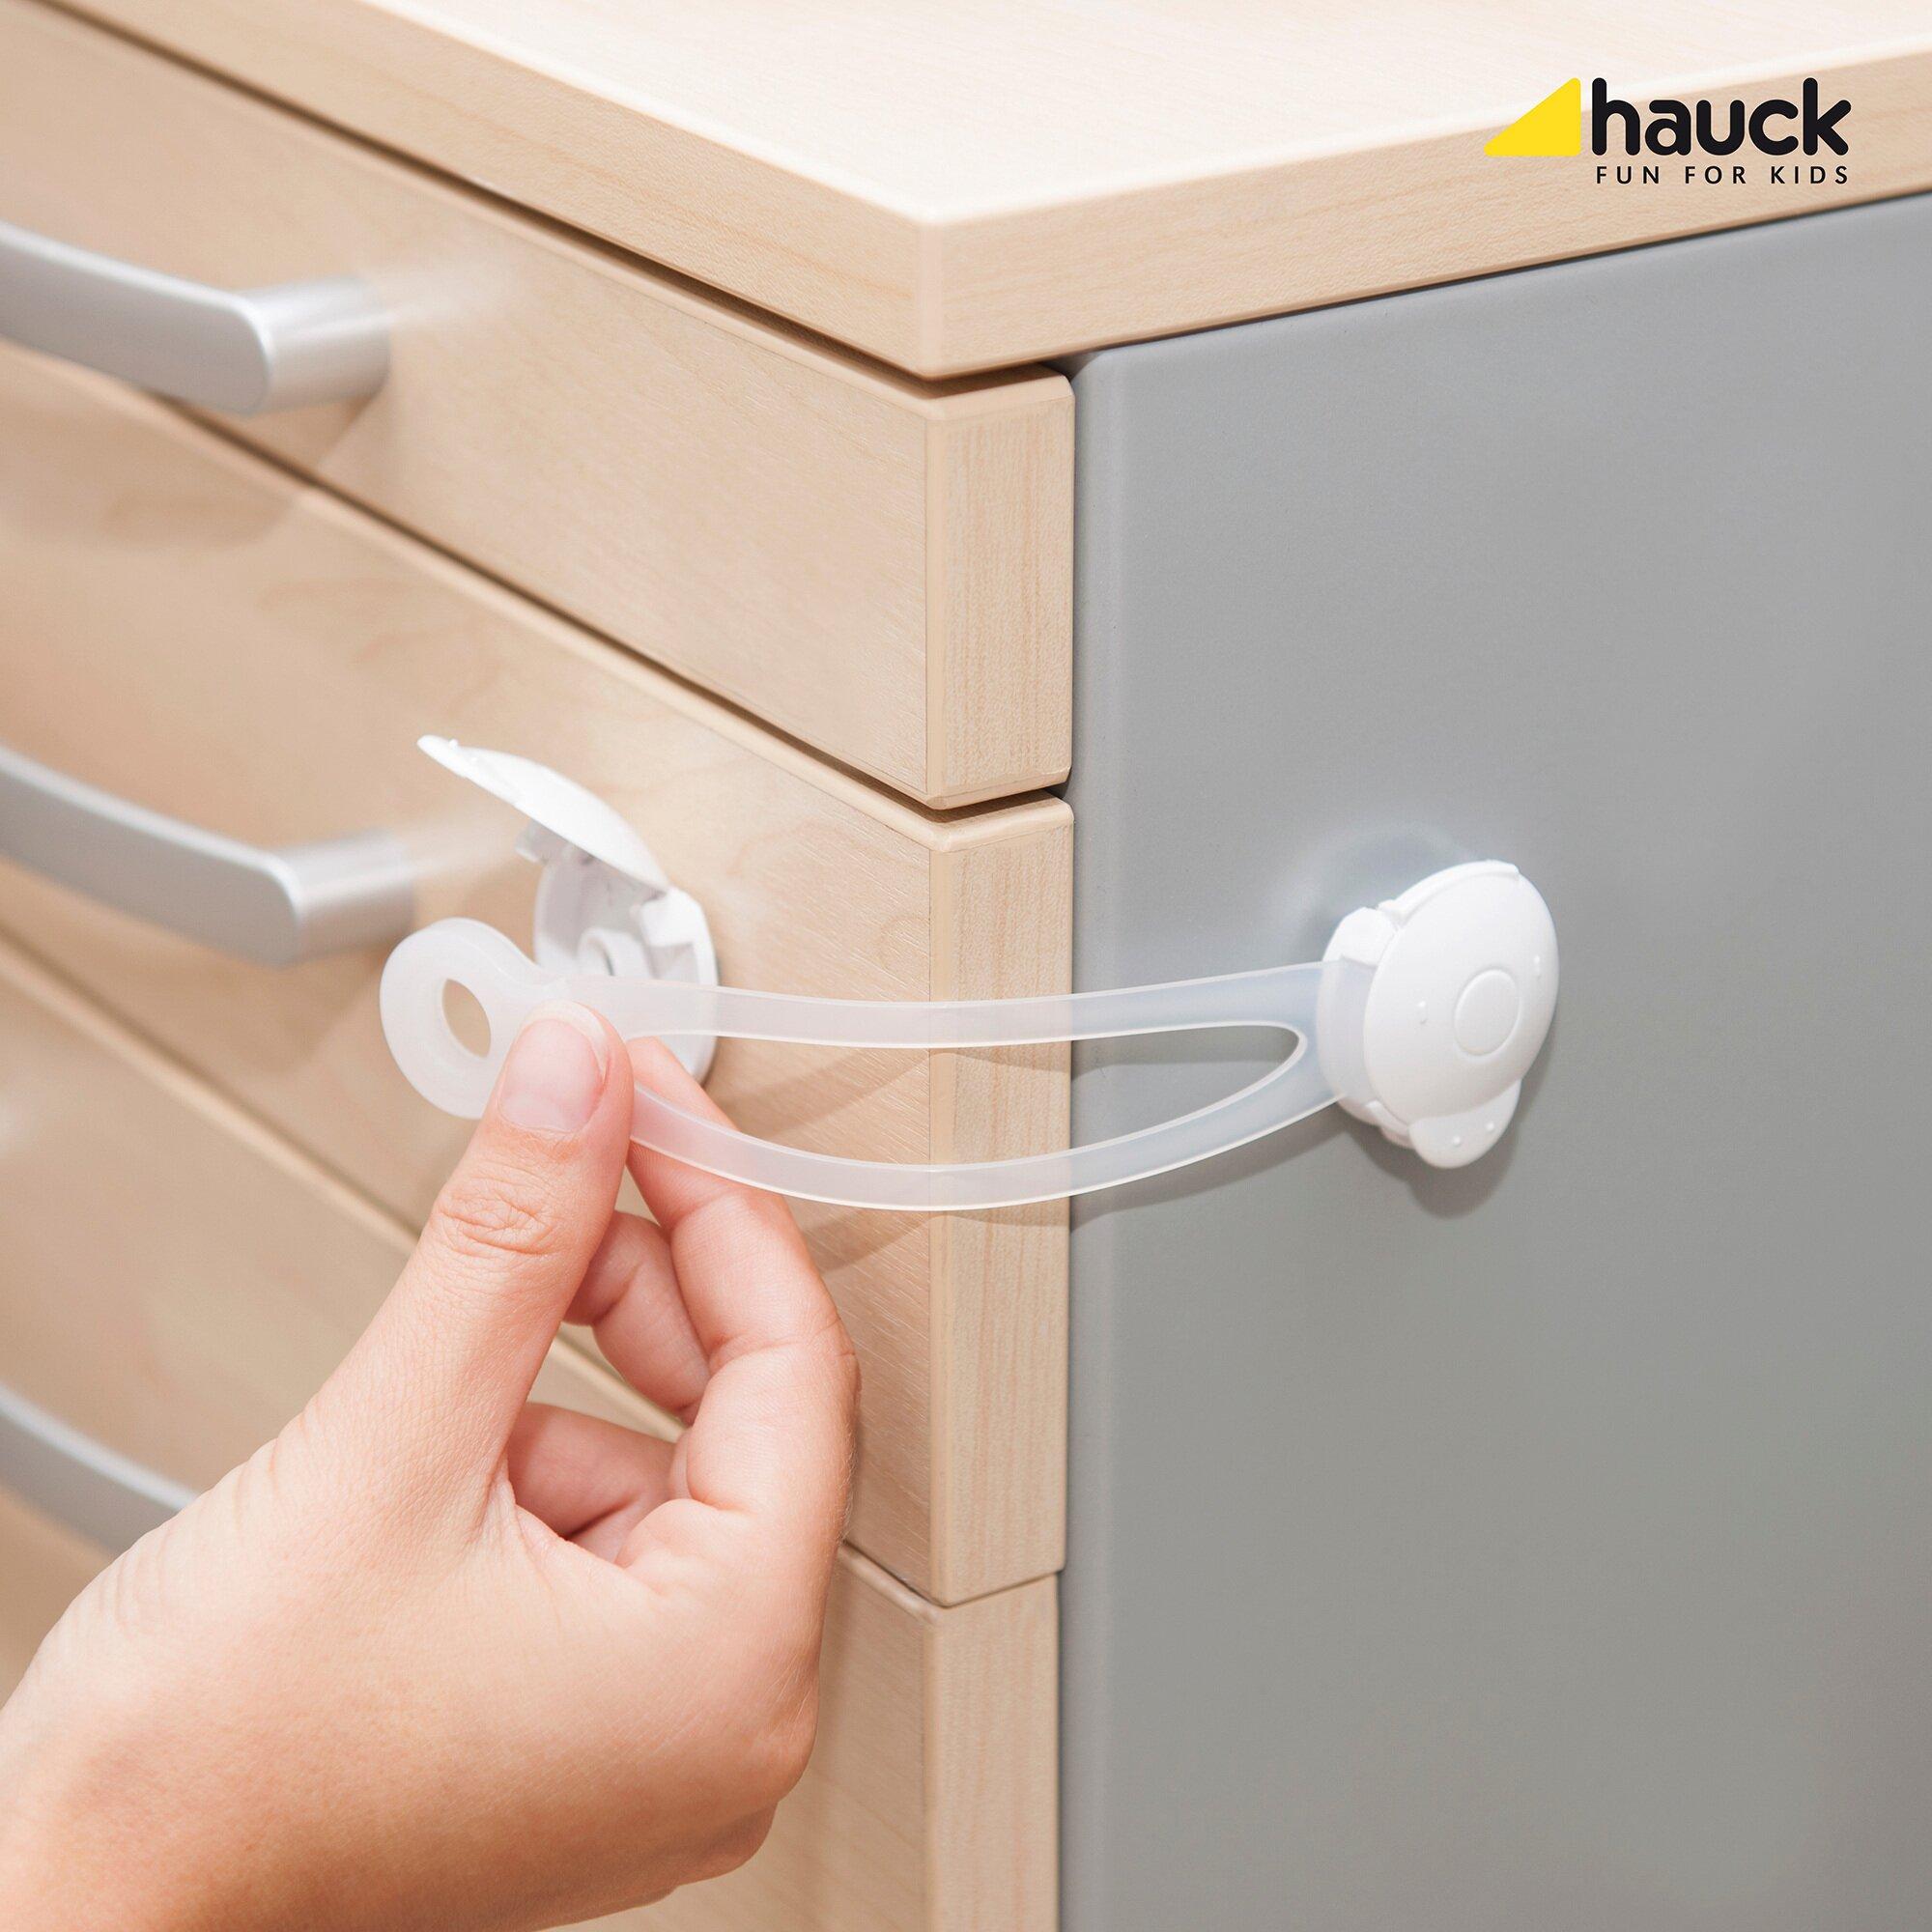 hauck-turverschluss-close-me-2-stuck-weiss